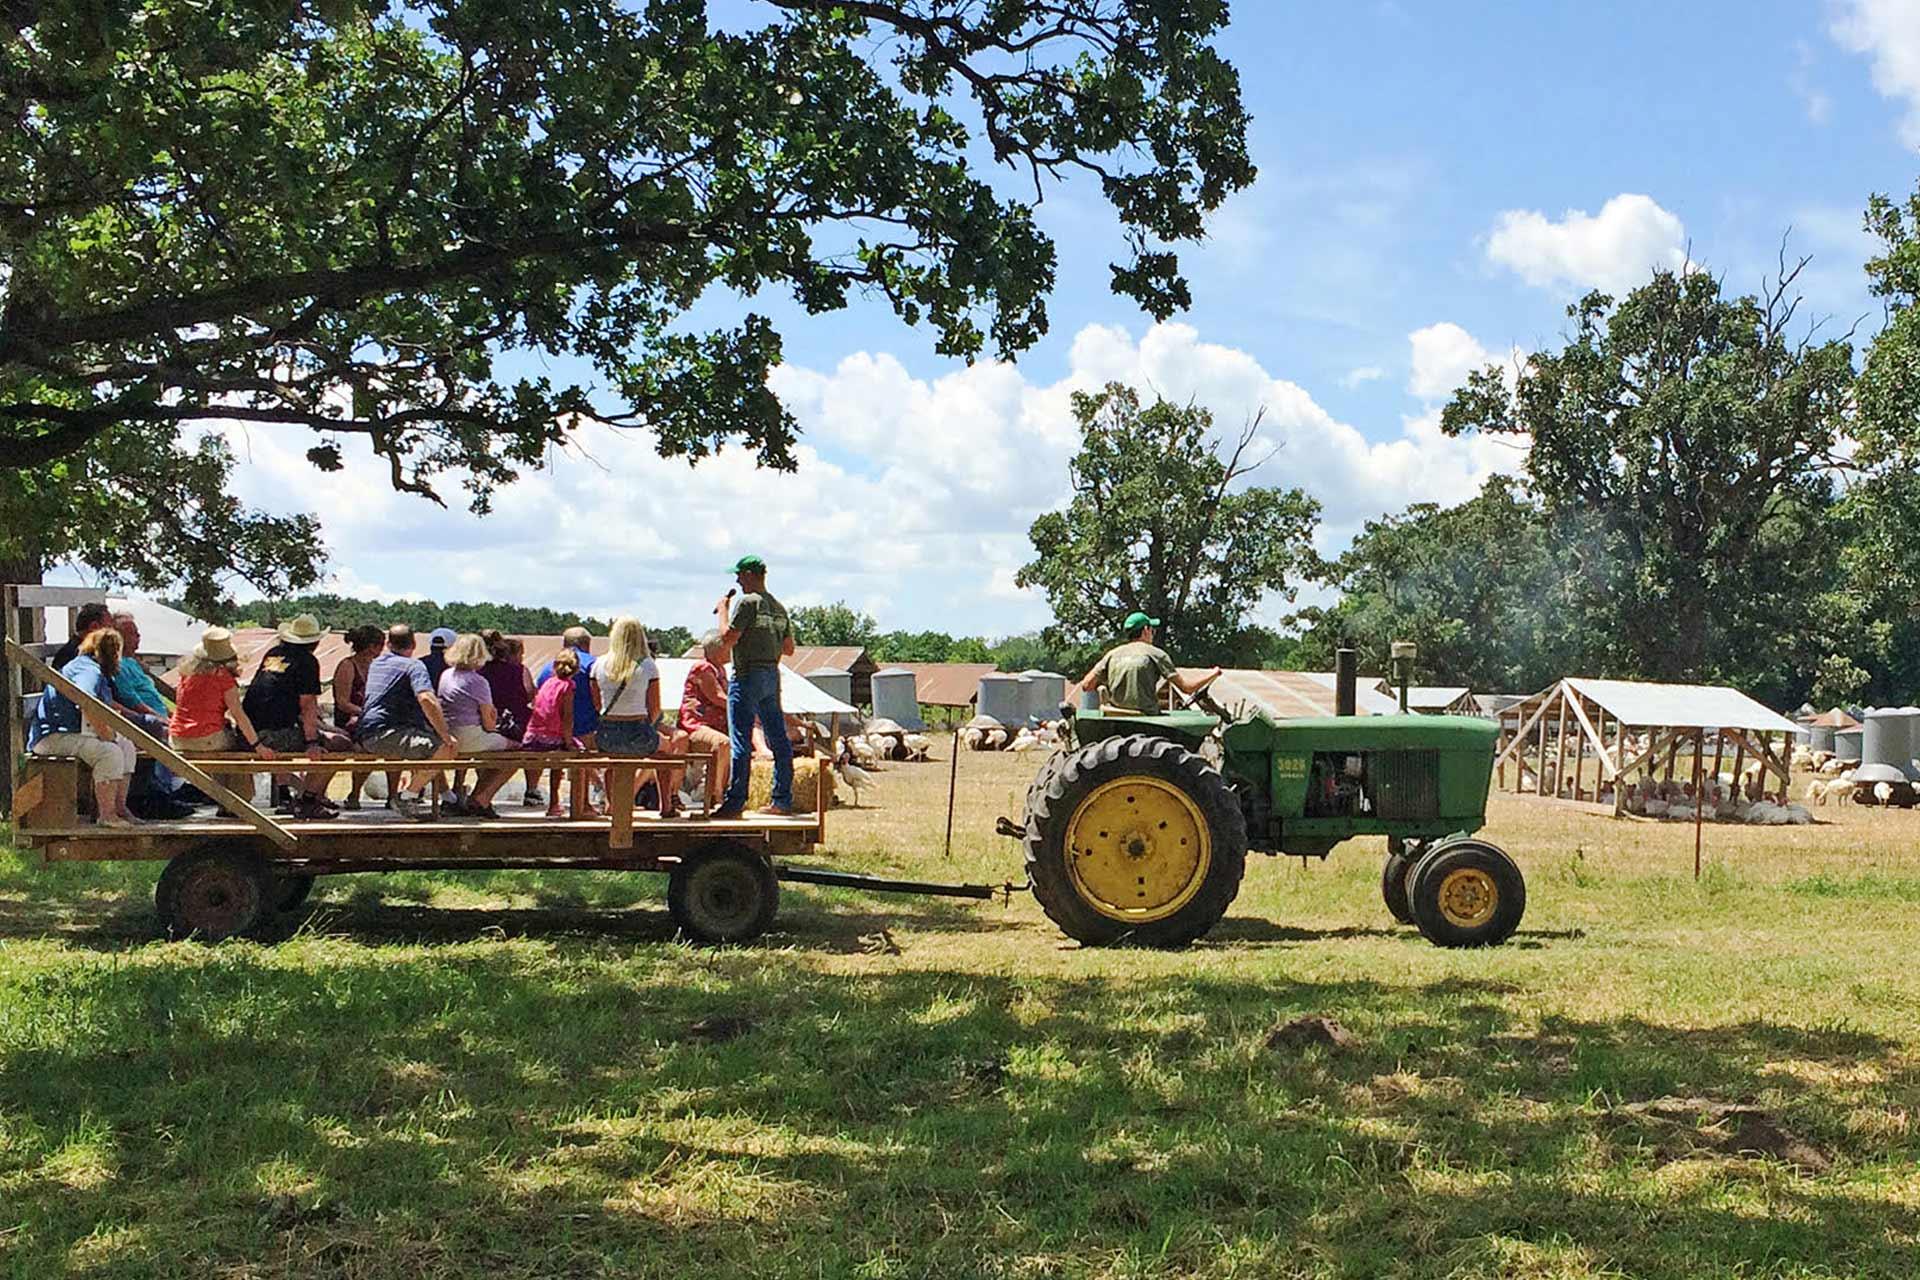 Farm Tour Hayride Event - Ferndale Market